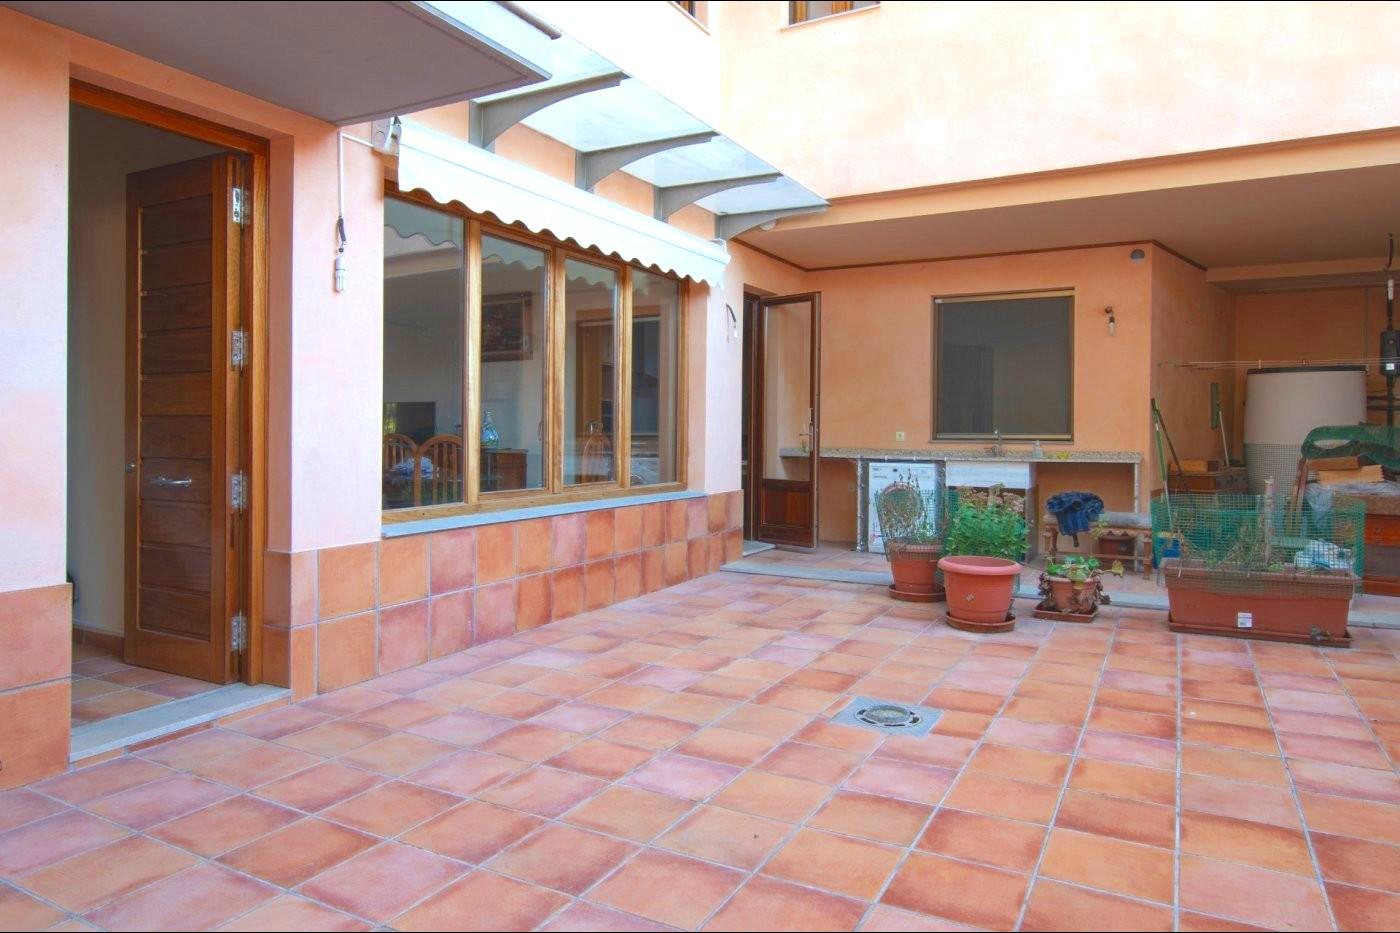 Haus  Albalat dels sorells ,ayuntamiento. Vivir con vistas a un castillo